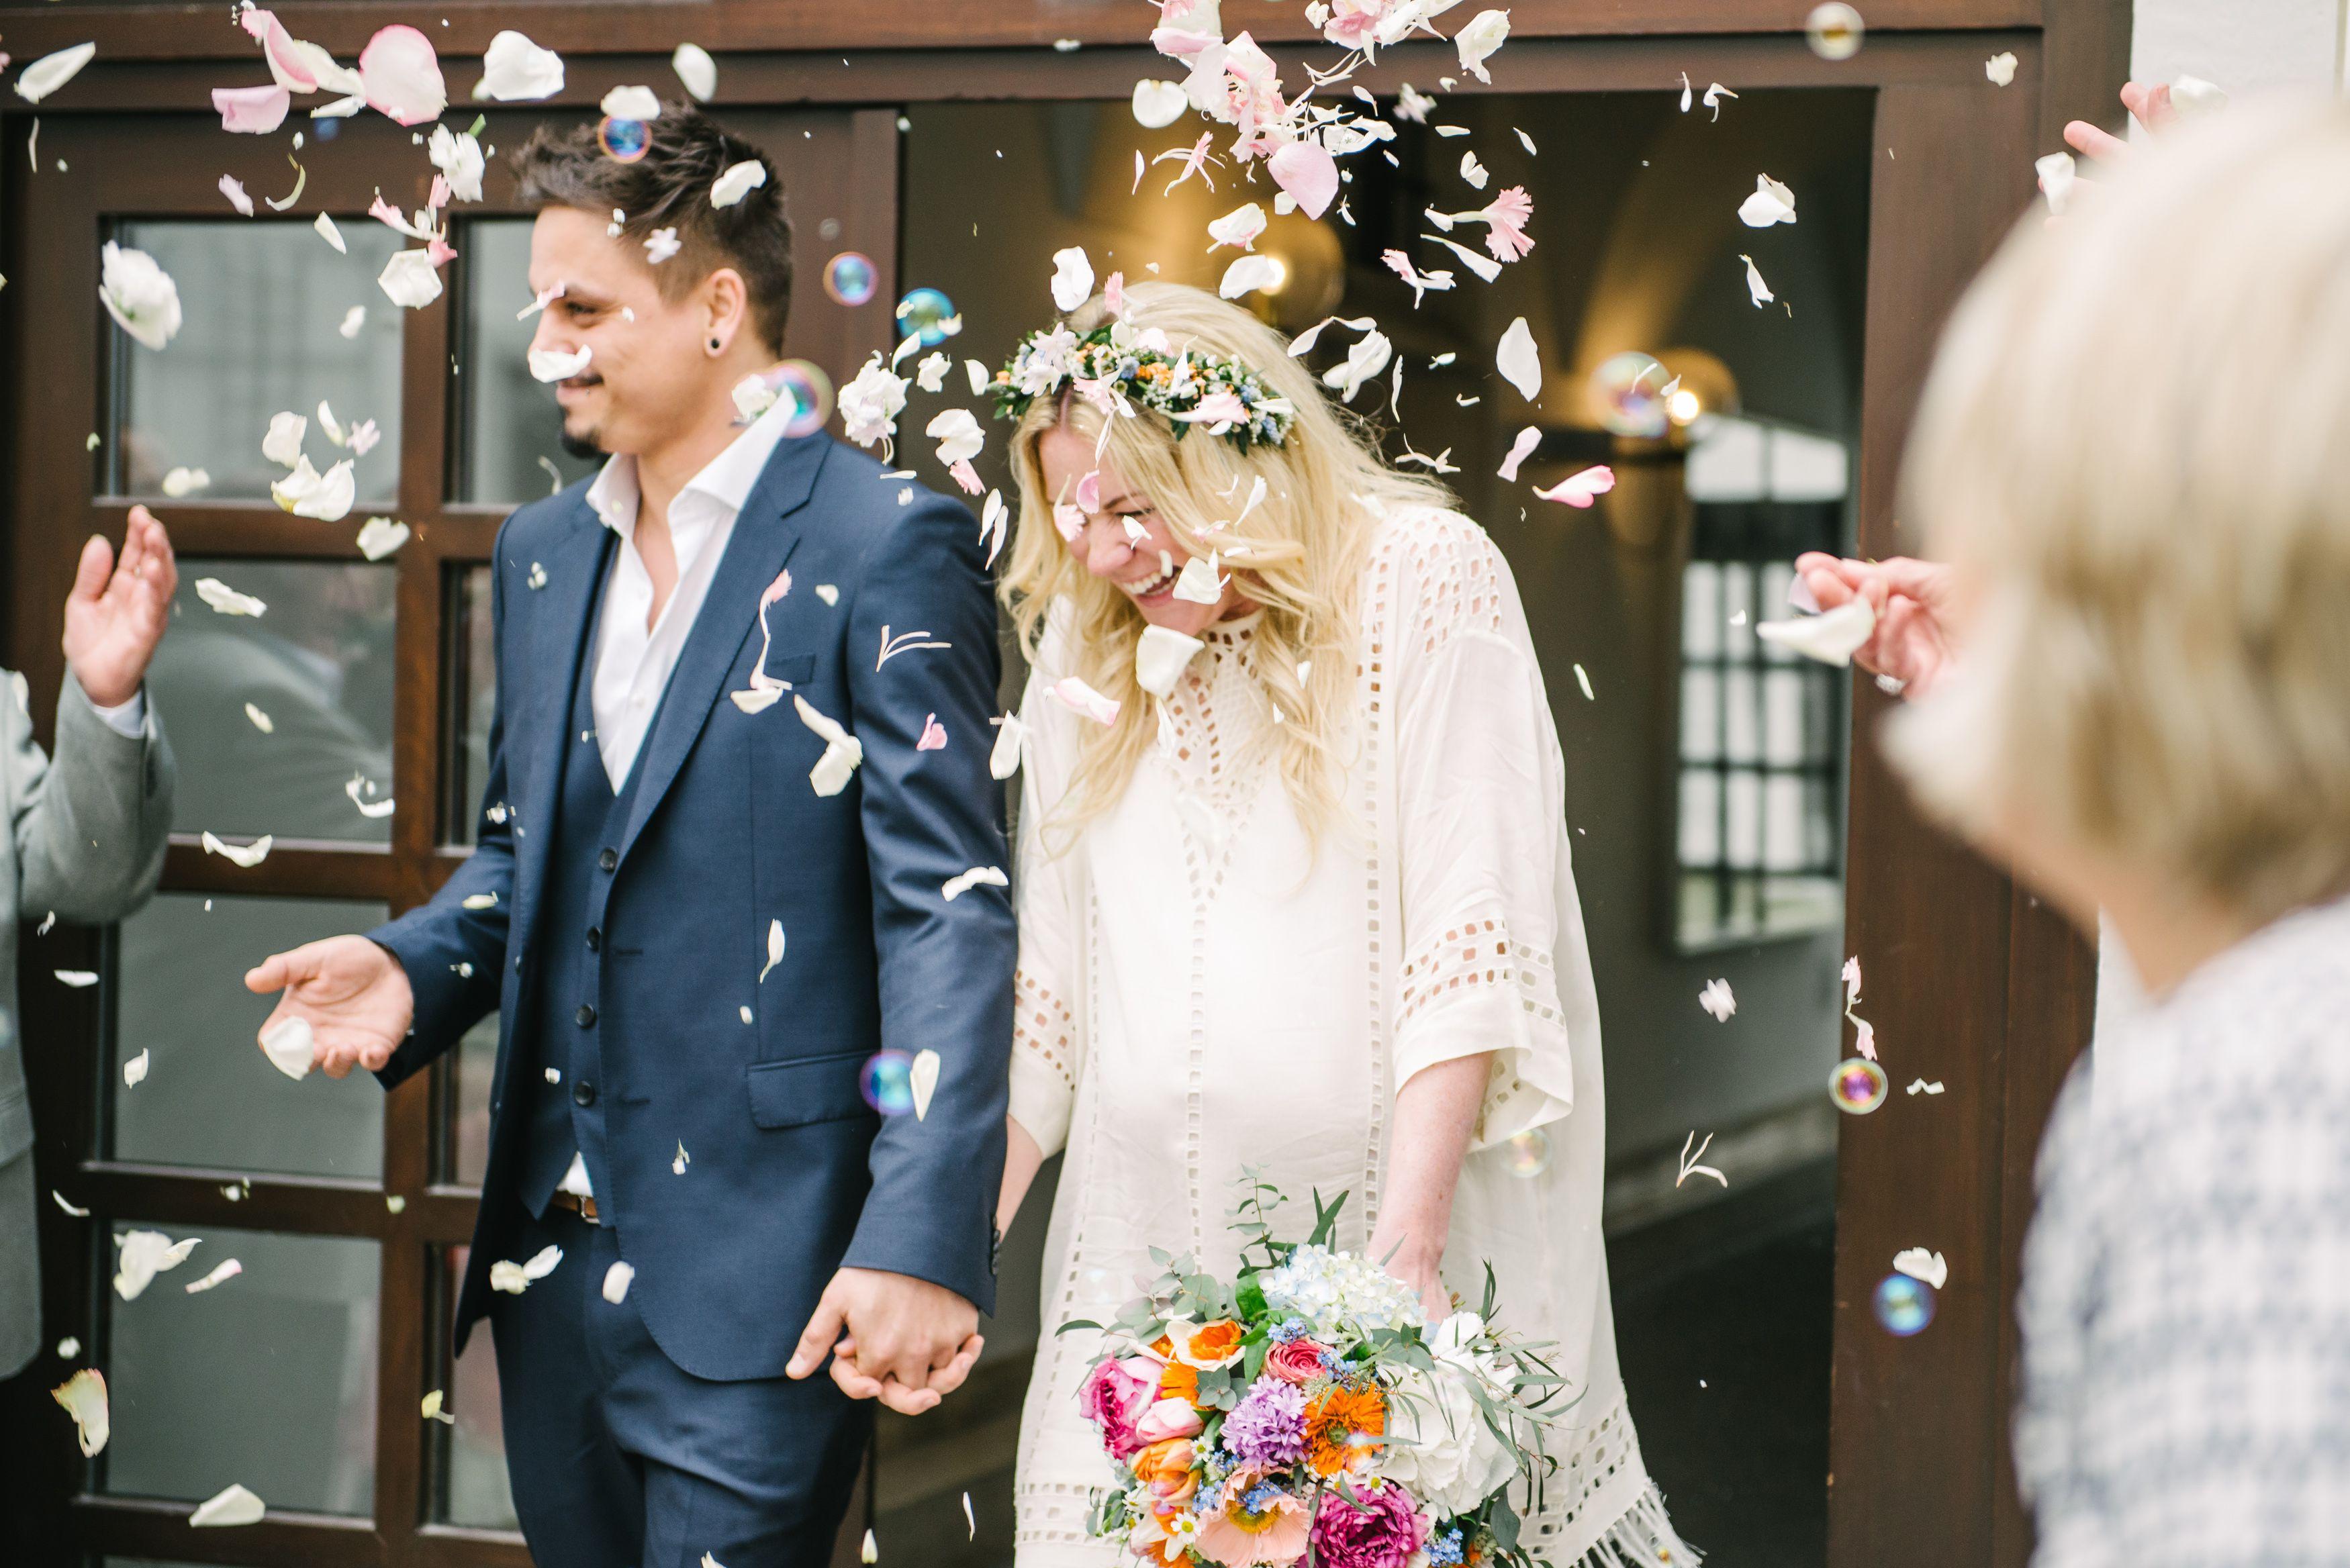 Real Wedding Casual Hippie Bunte Hippie Hochzeit In Neuburg Spalier Fur Das Frisch Getraute Paar Bunter Brautstr Braut Spalier Hochzeit Spitzen Hochzeiten